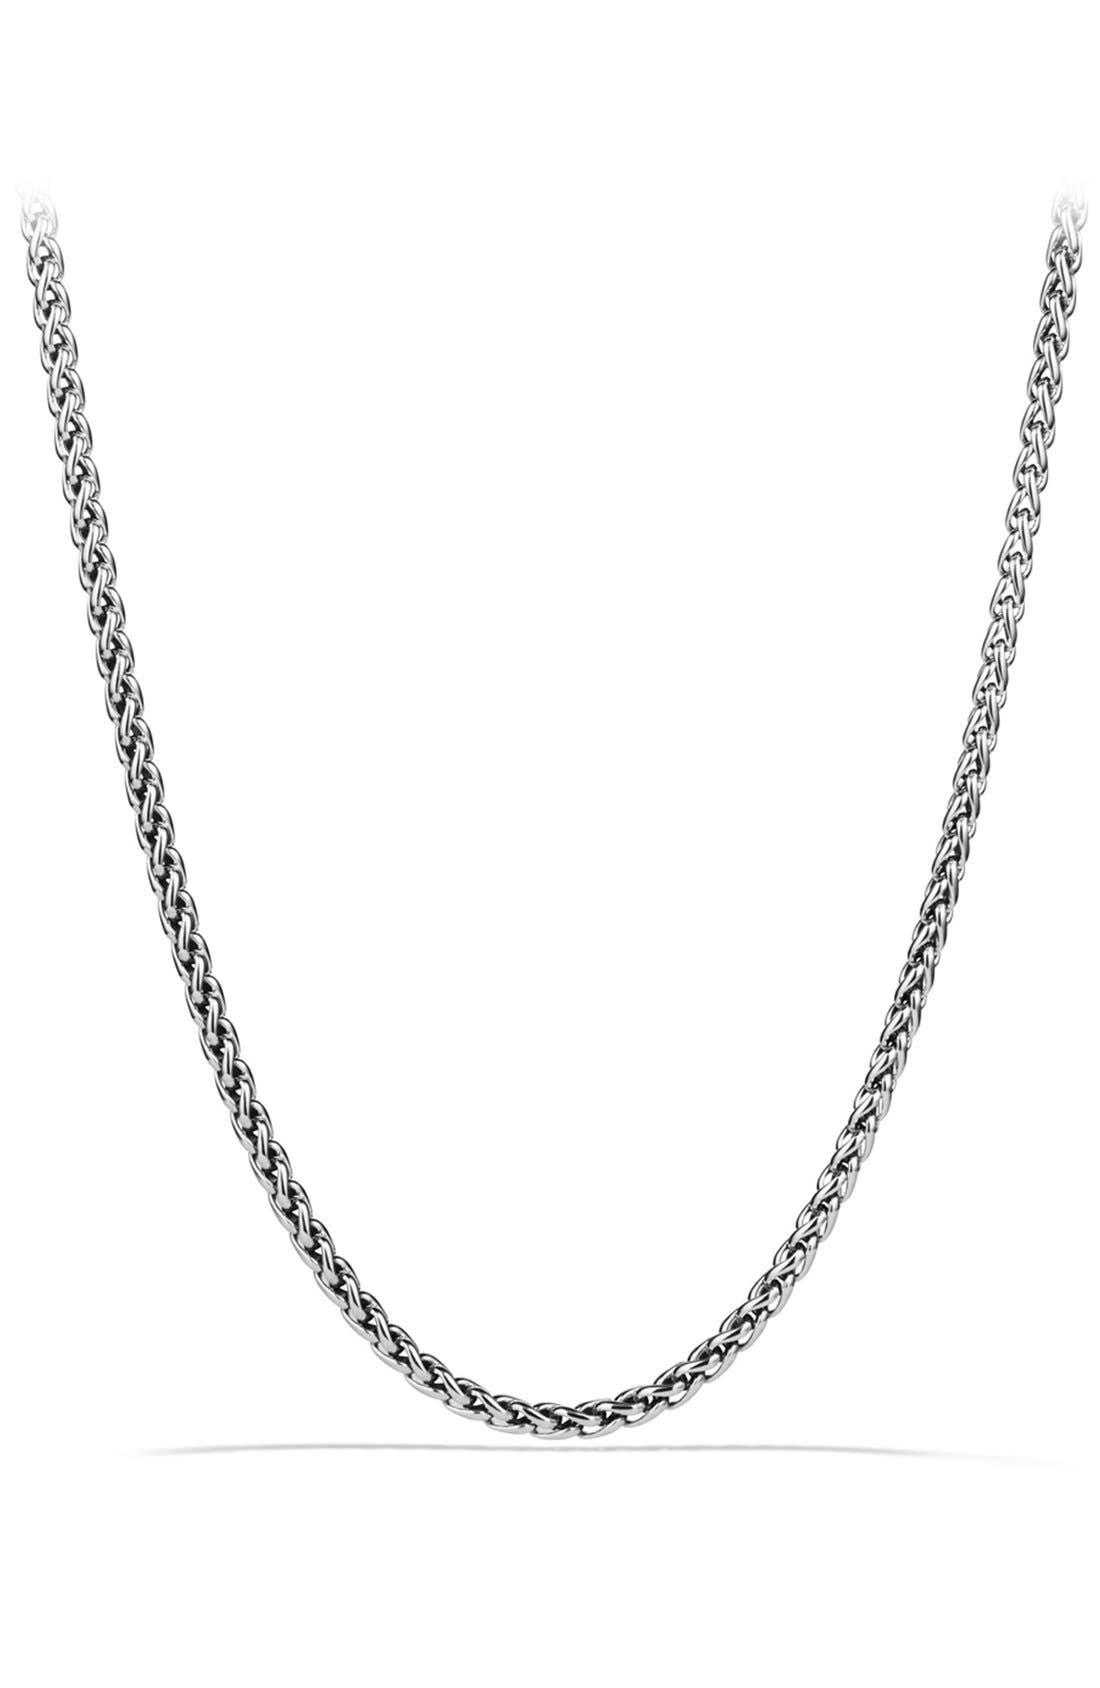 David Yurman 'Chain' Wheat Link Necklace